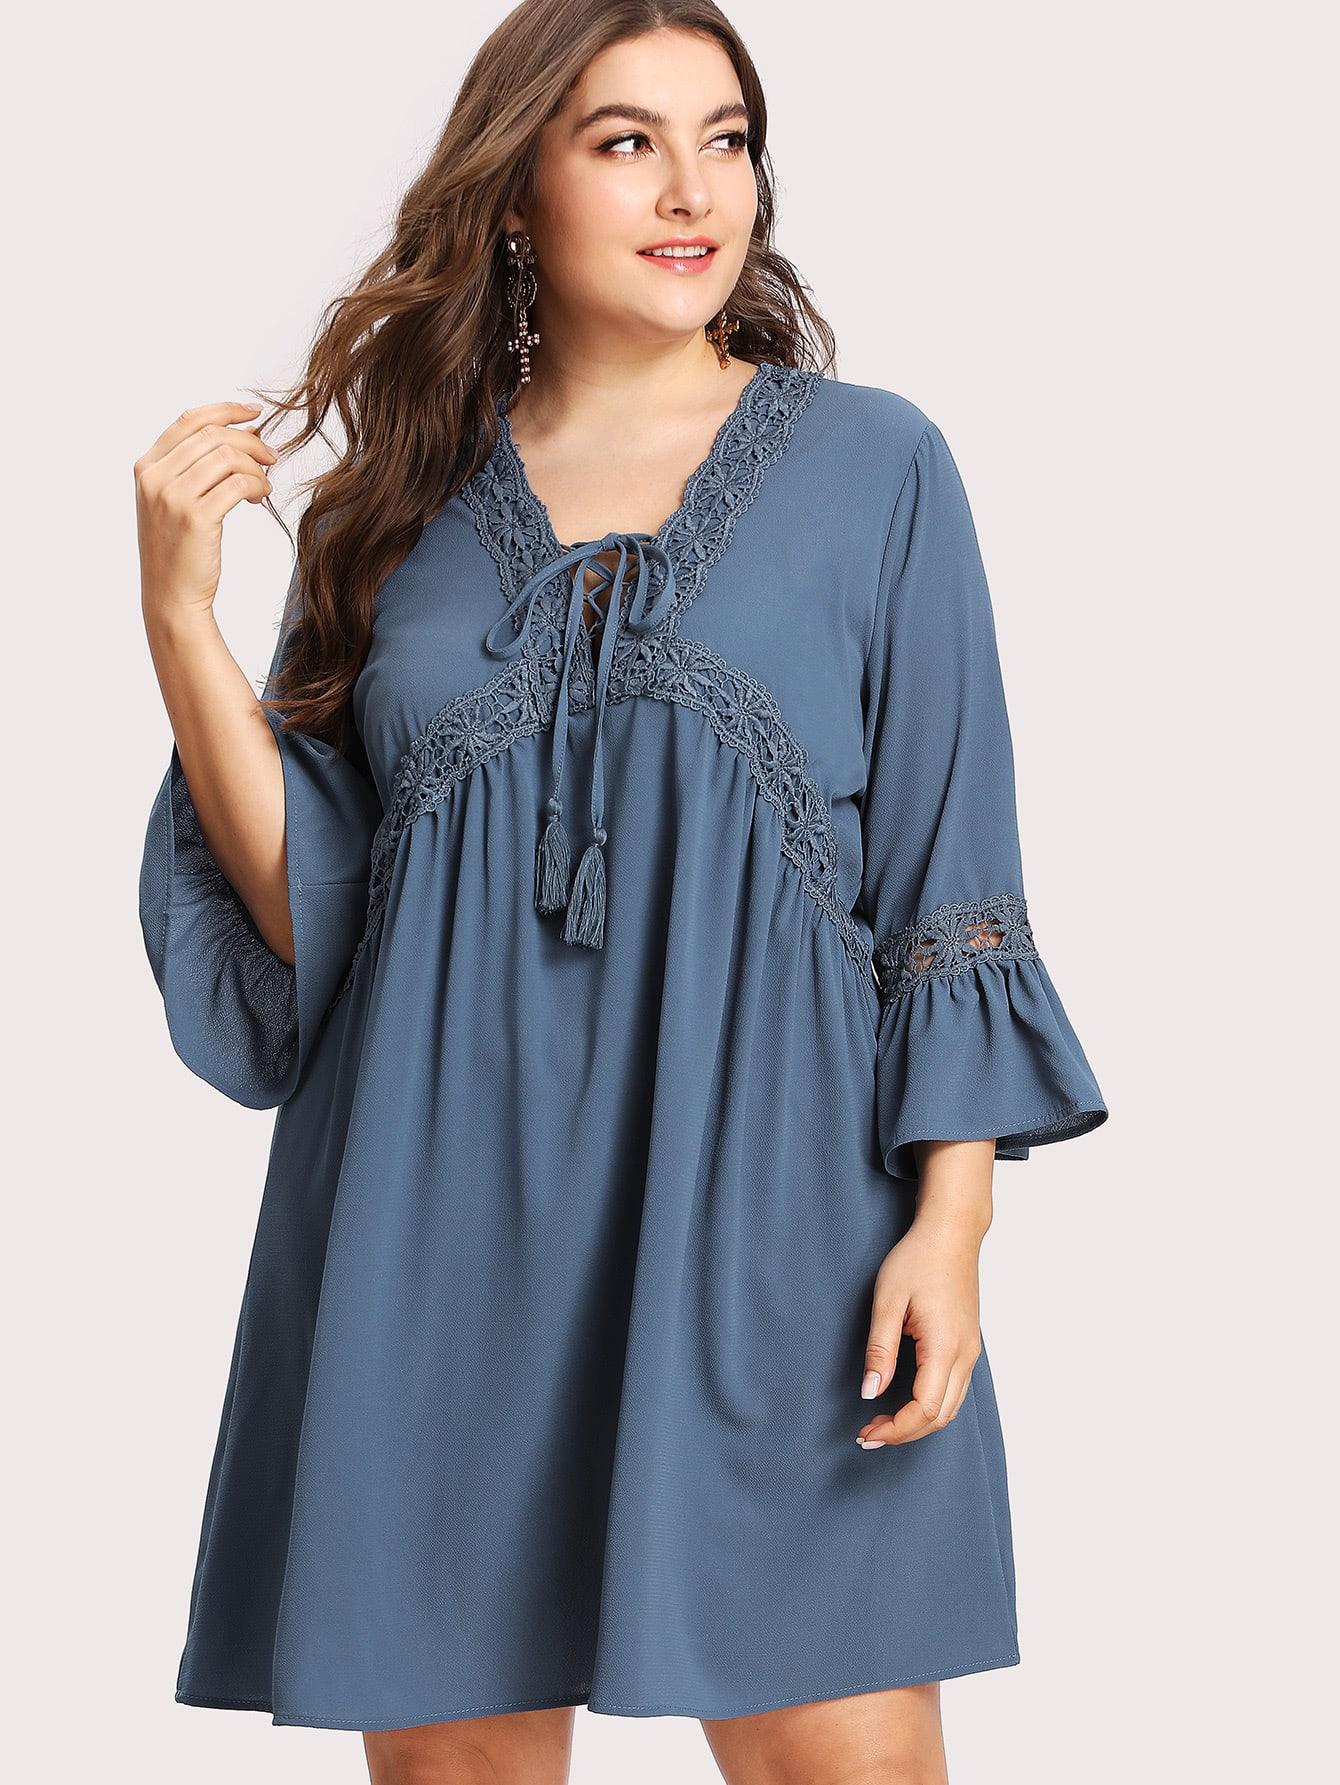 Купить Модное платье со шнуровкой и V-образным вырезом, Franziska, SheIn